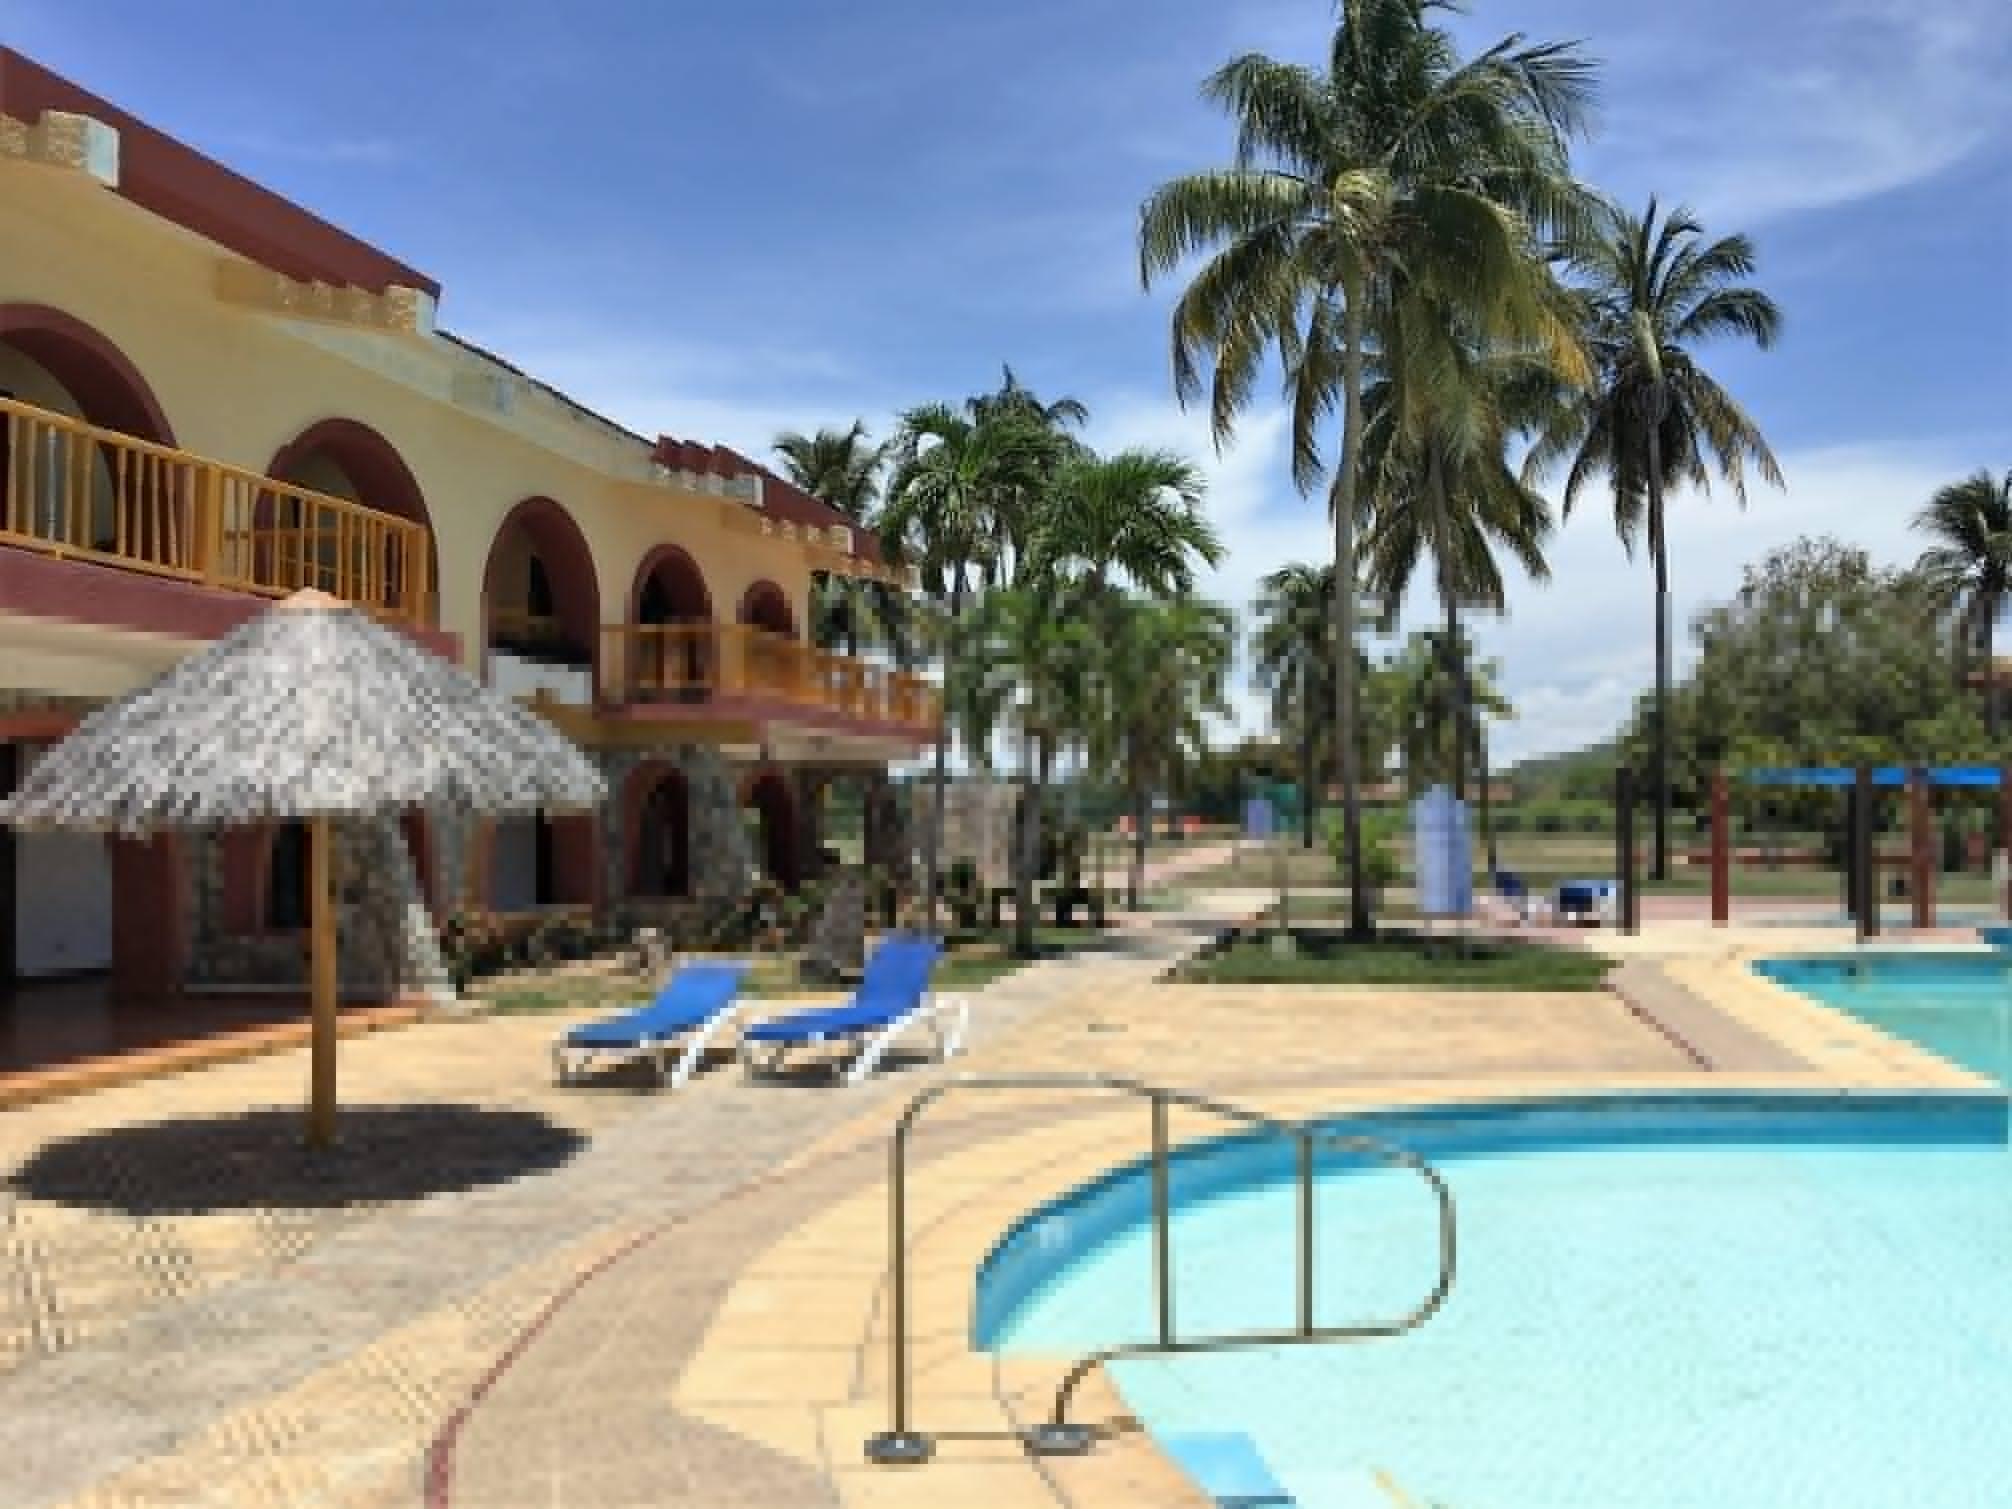 Hotel Carisol Los Corales